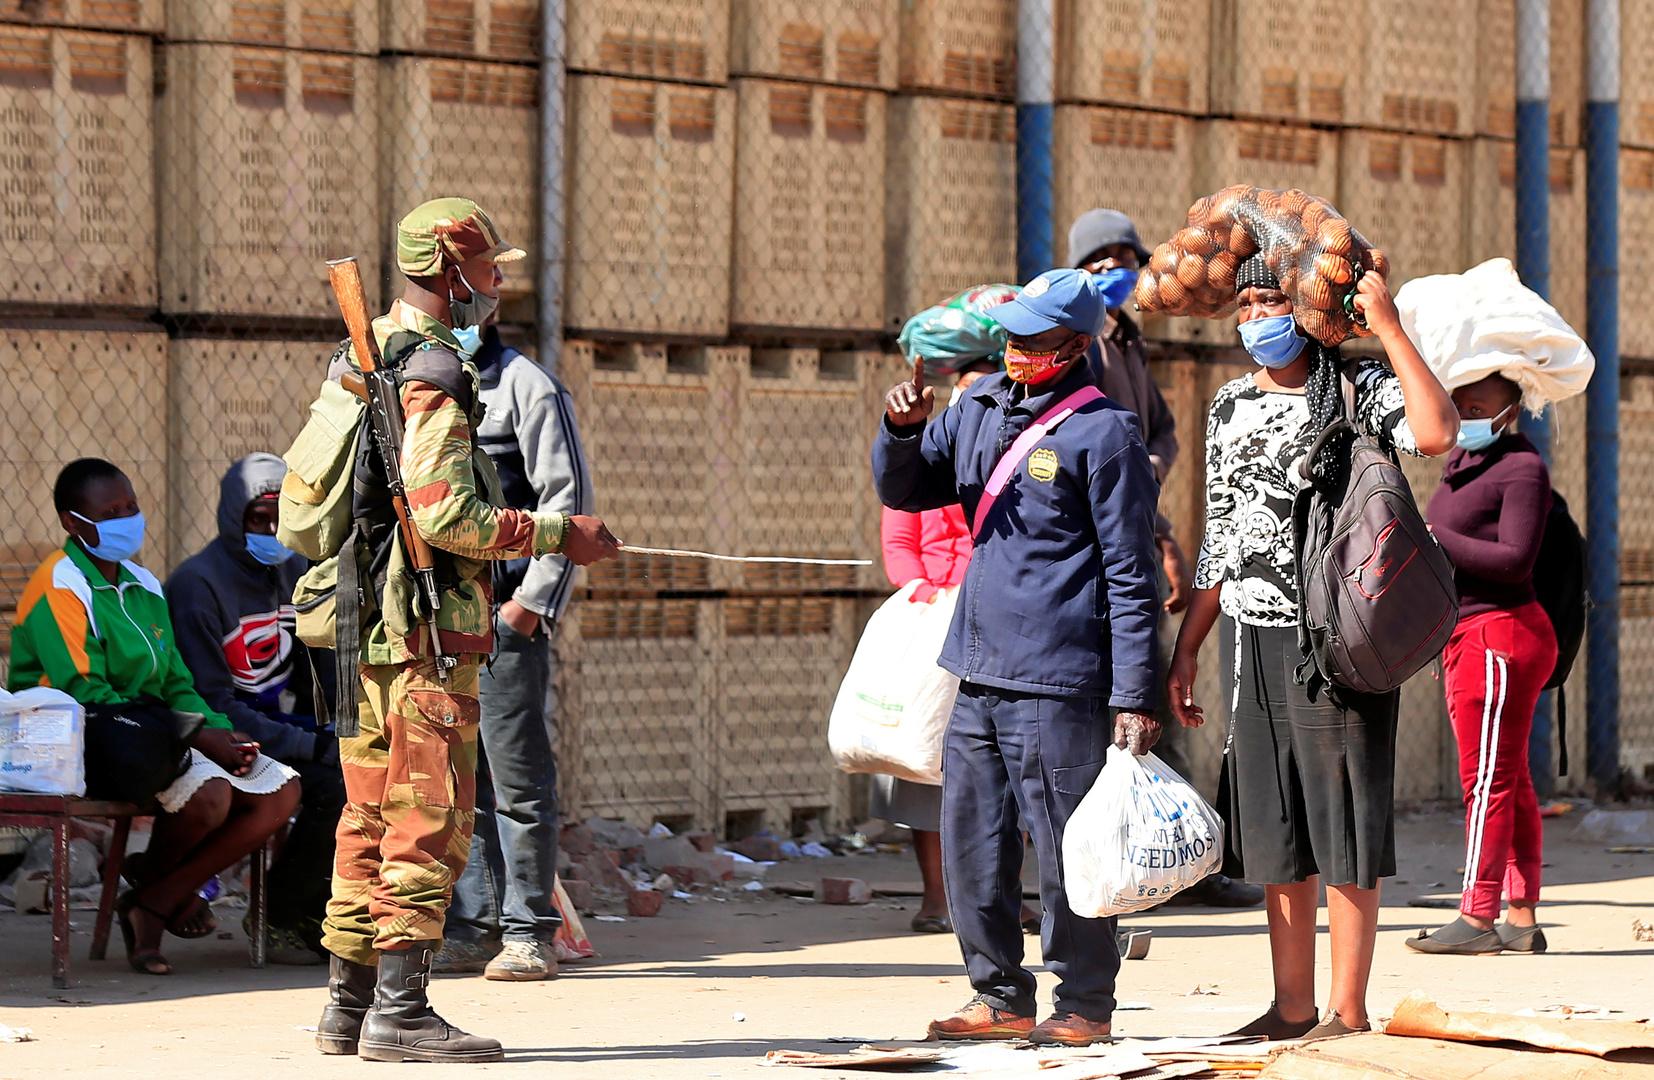 أشخاص في أحد الشوارع في زيمبابوي